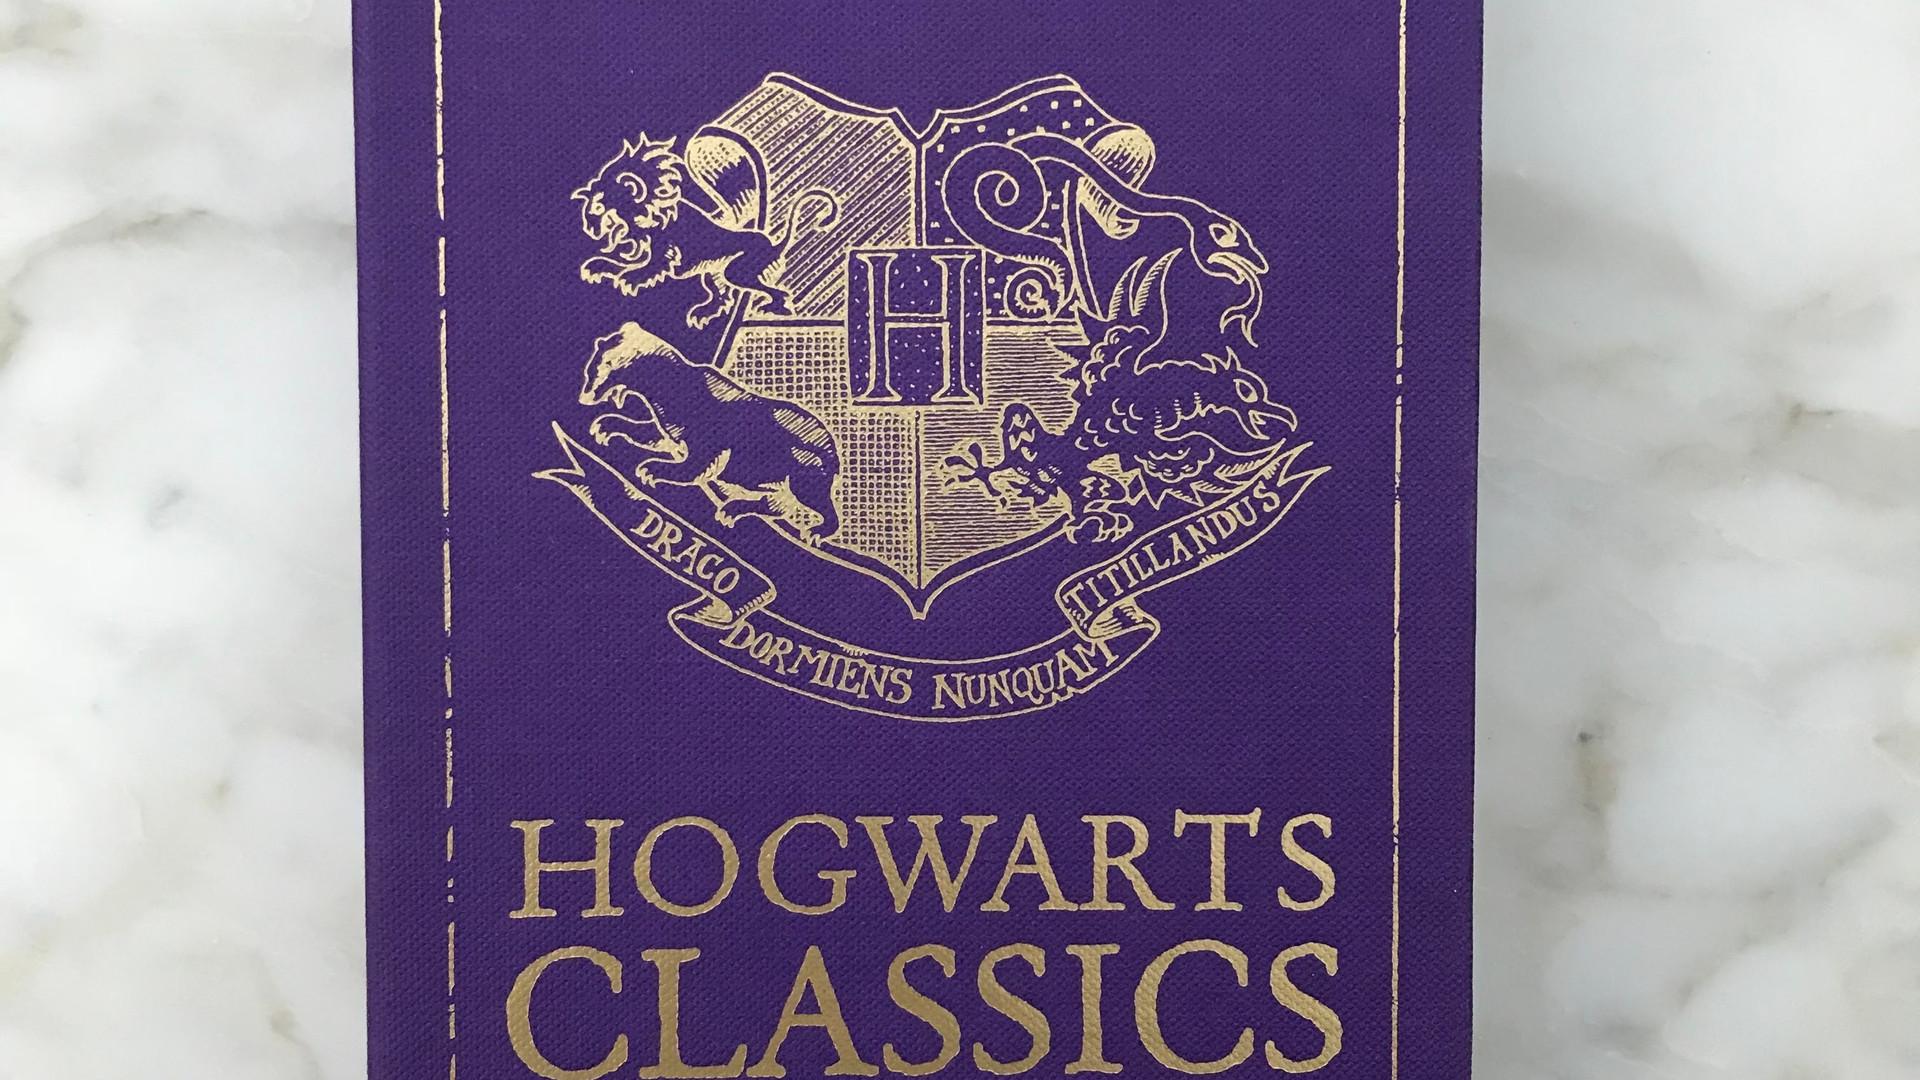 Hogwarts Classics